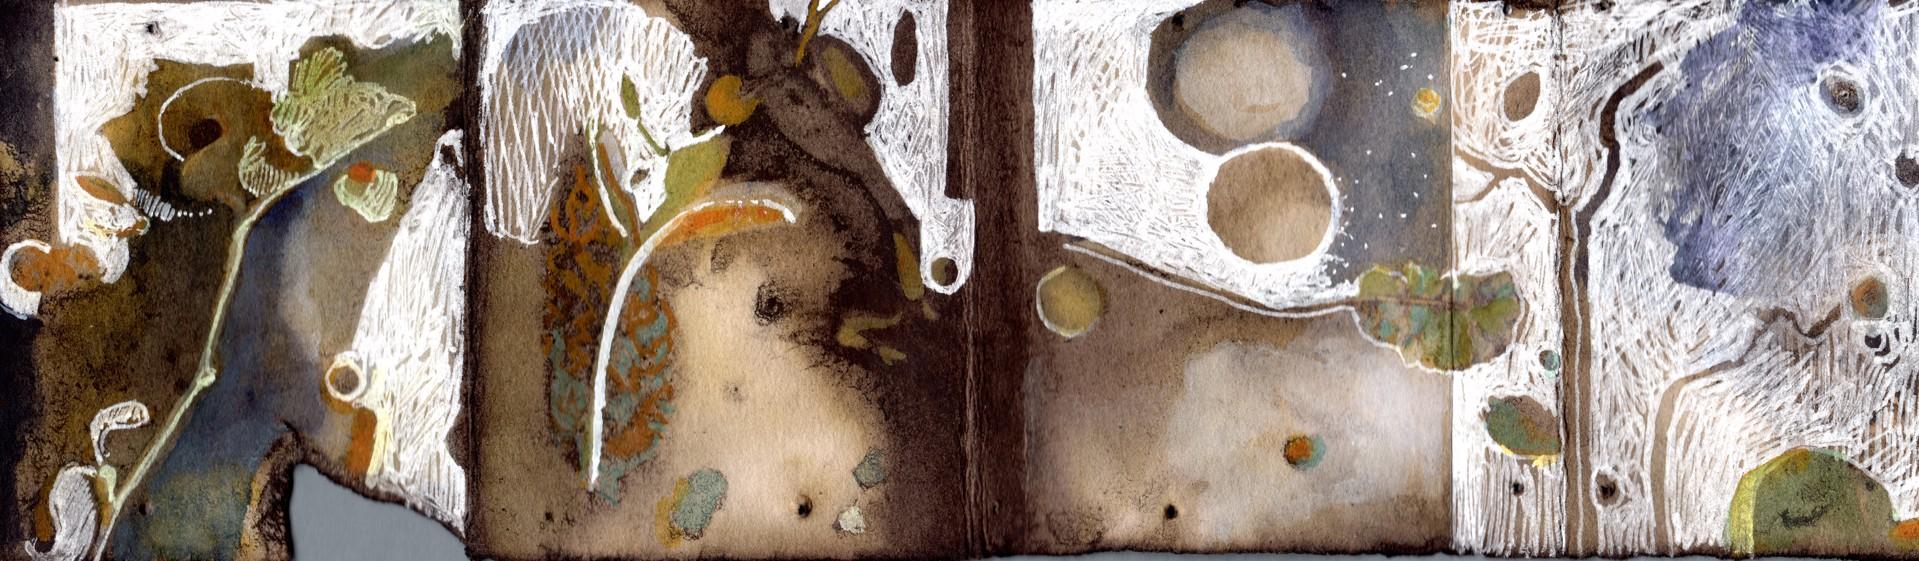 Lunar by Caryn Friedlander